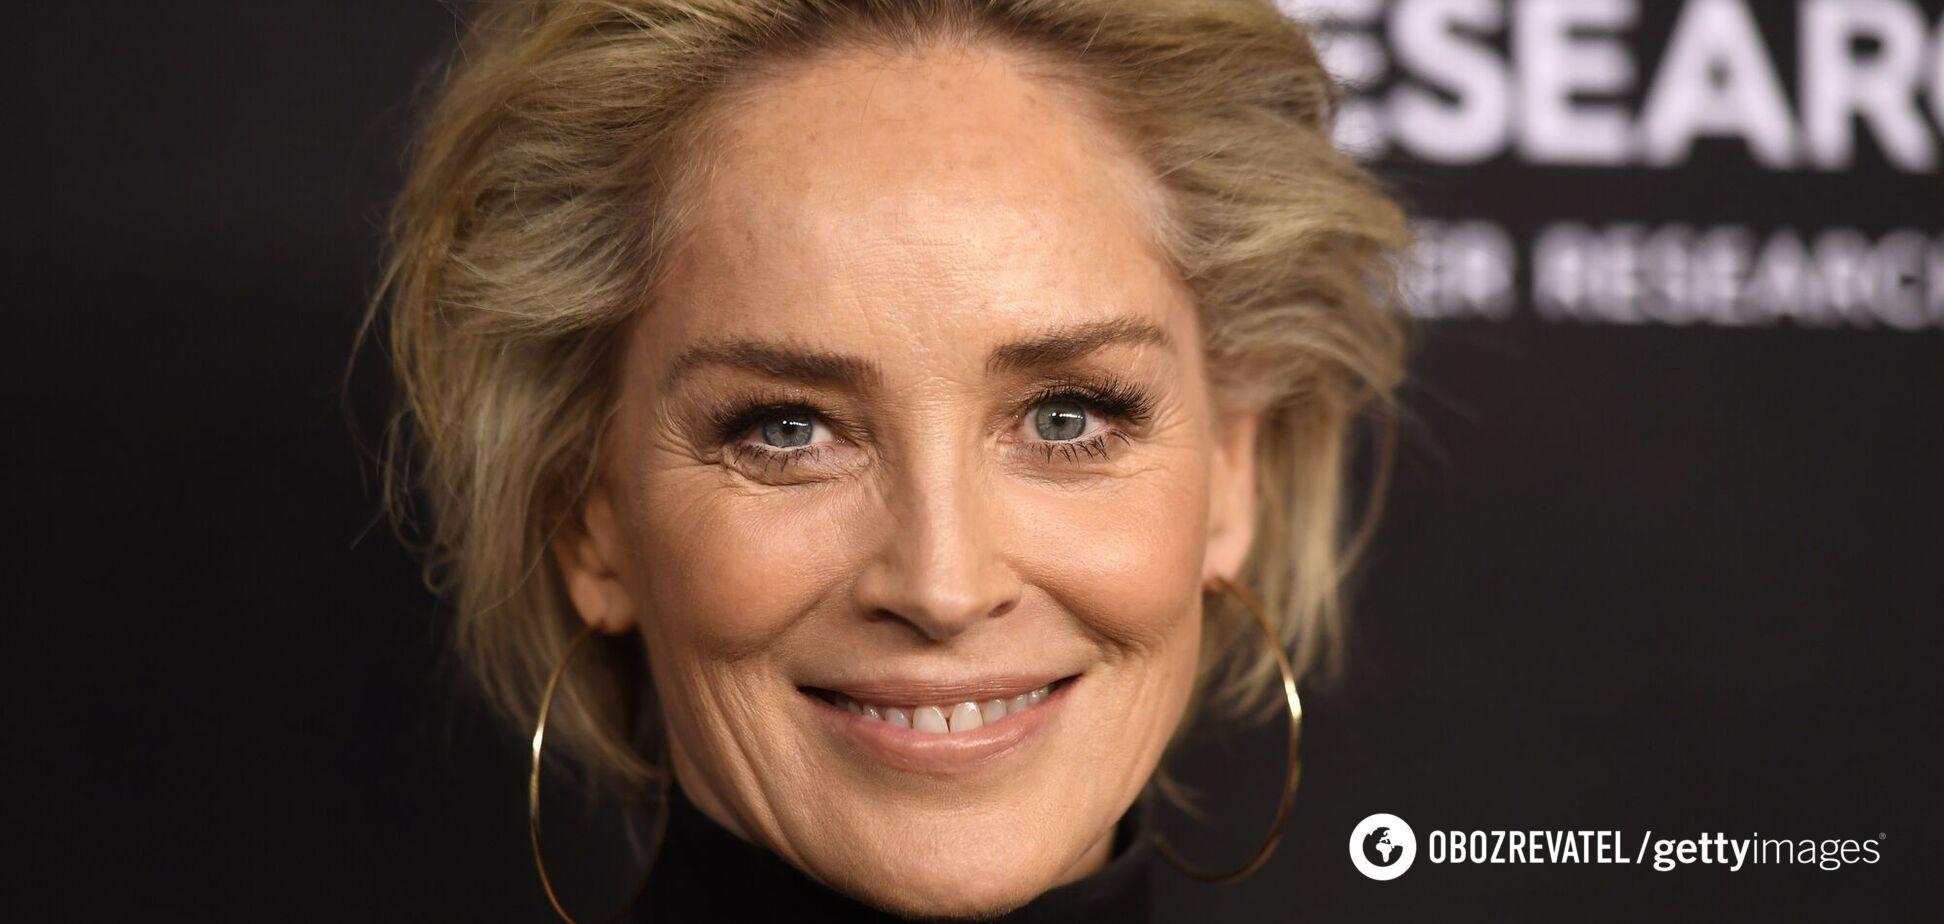 Шэрон Стоун ударила Верховена, когда увидела откровенную сцену в «Основном инстинкте»